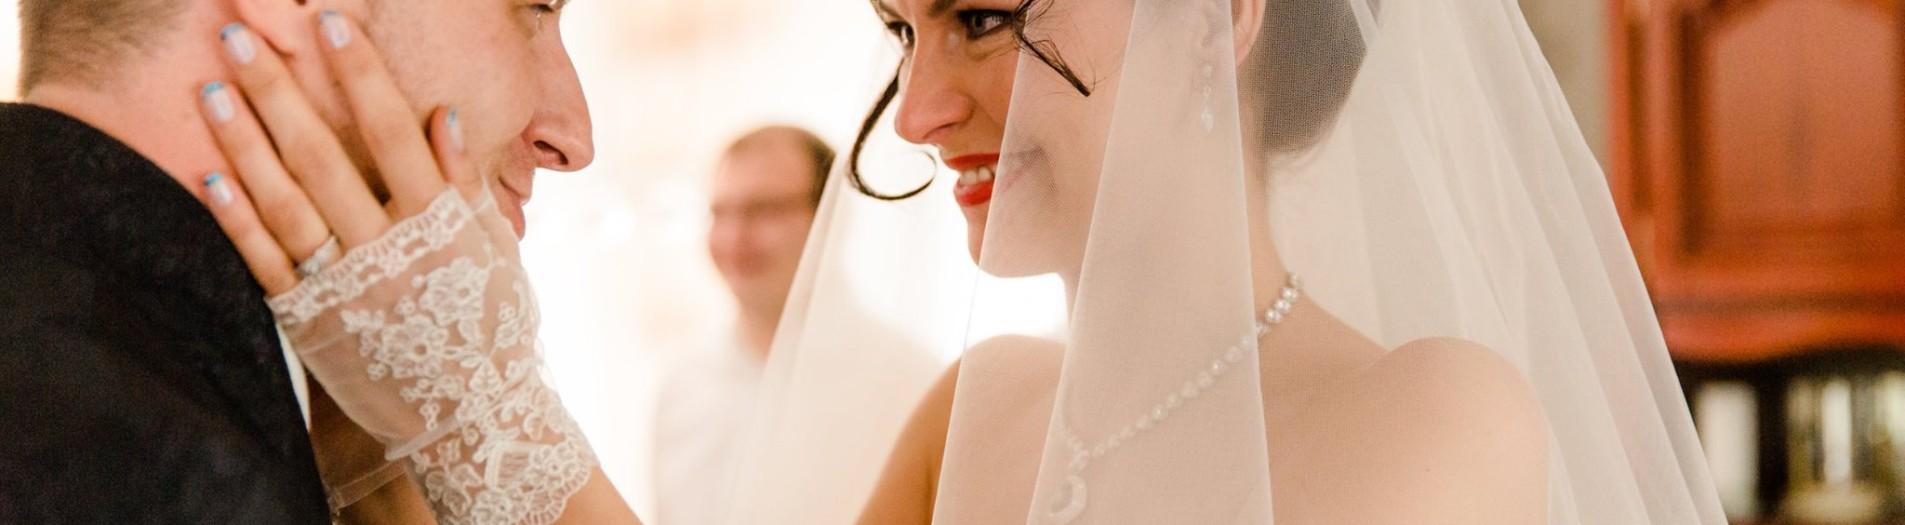 Hochzeitsfotografie und Video in Landau